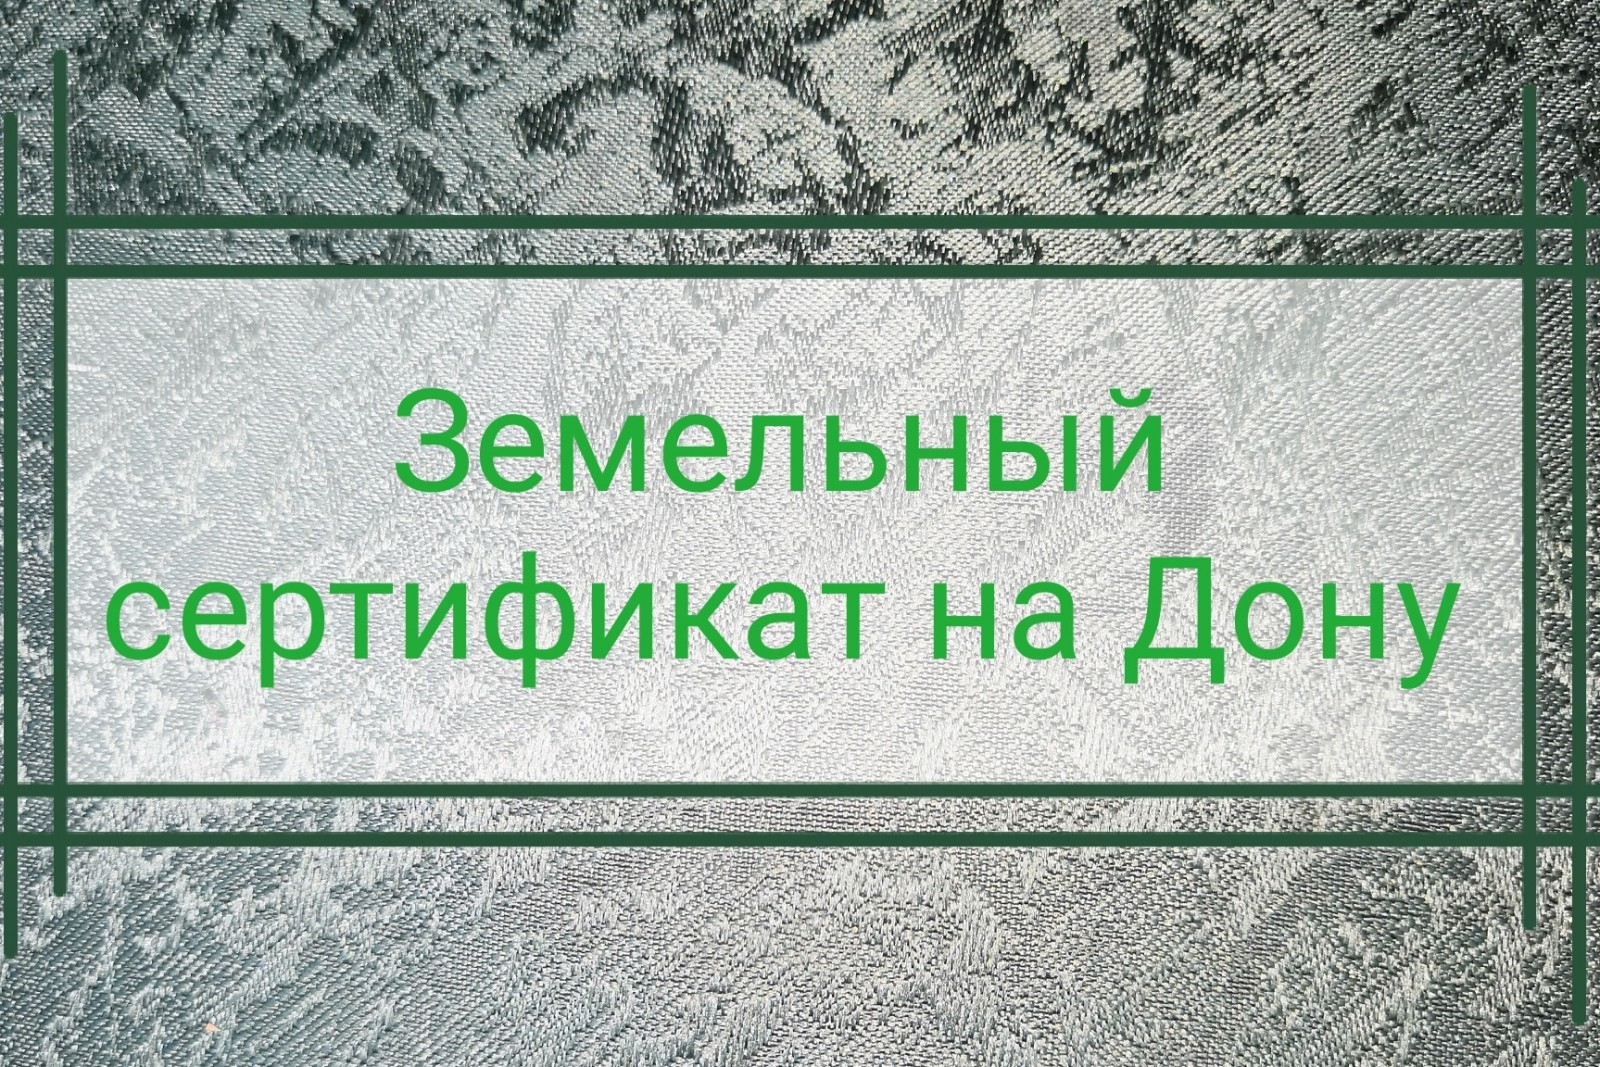 На Дону стоимость земельного сертификата установлена выше среднероссийской